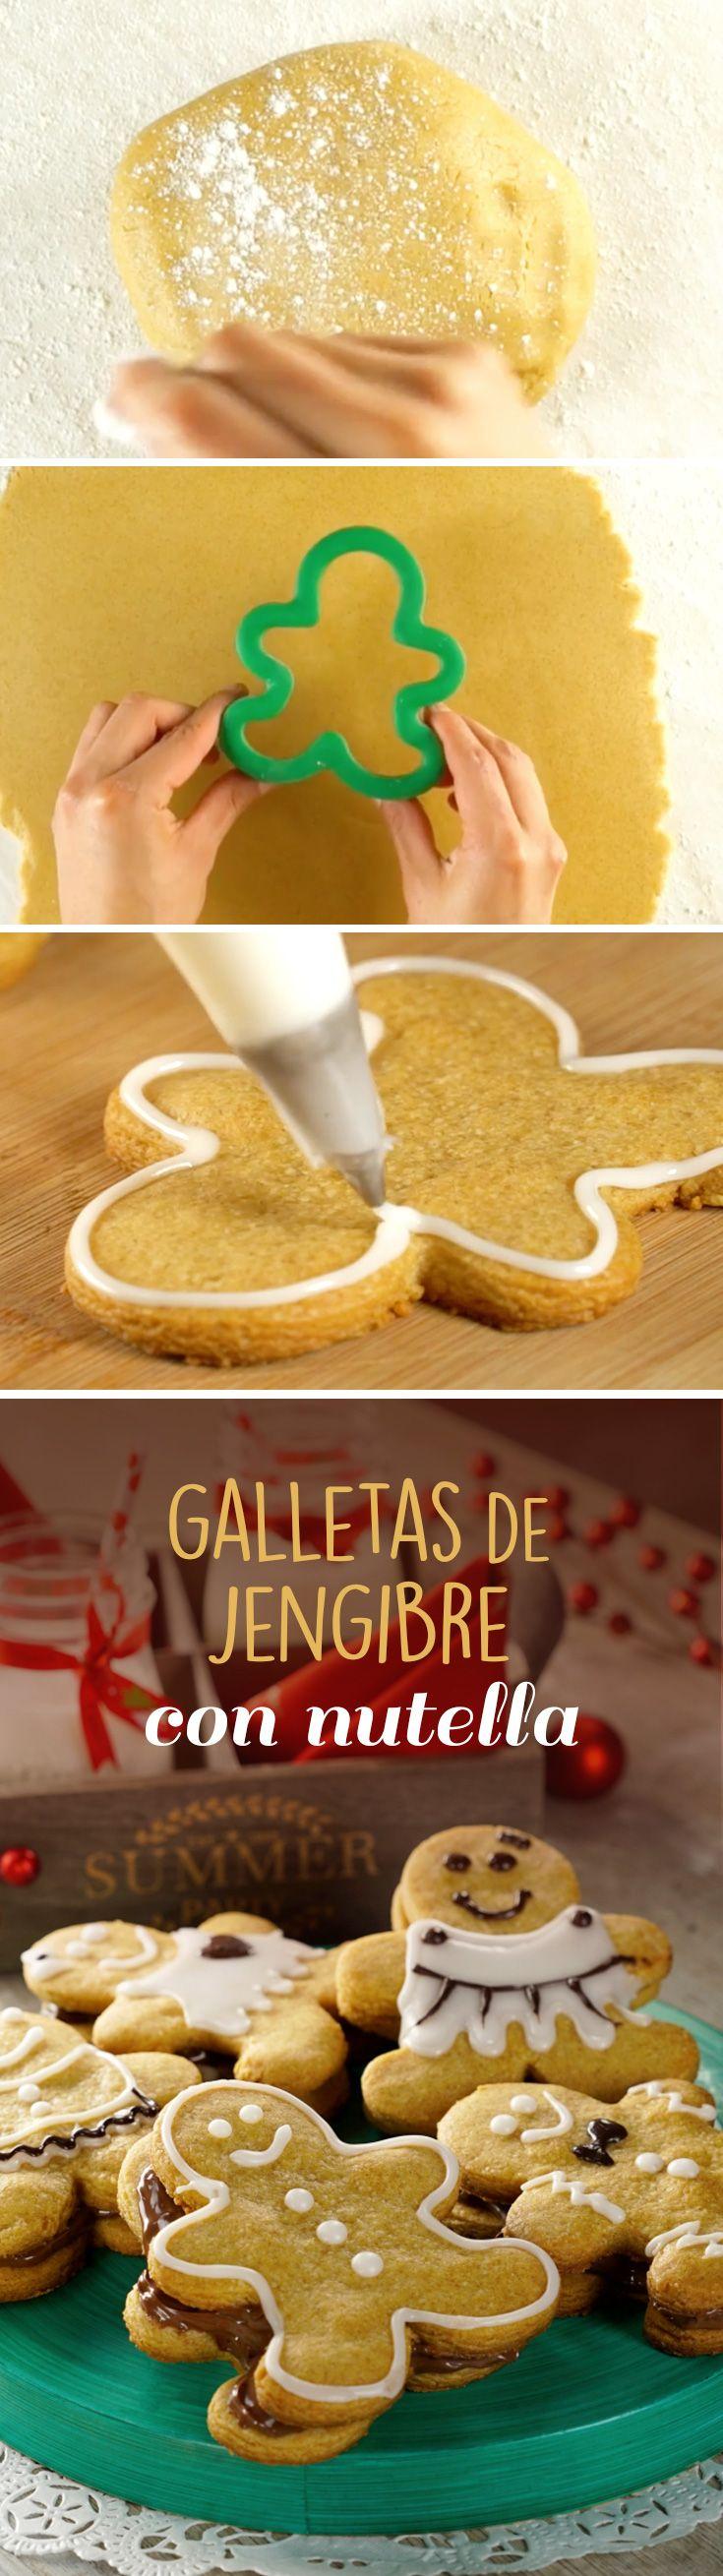 Galletas De Jengibre Con Nutella Receta Galletas De Jengibre Galletas De Mantequilla Receta Nutella